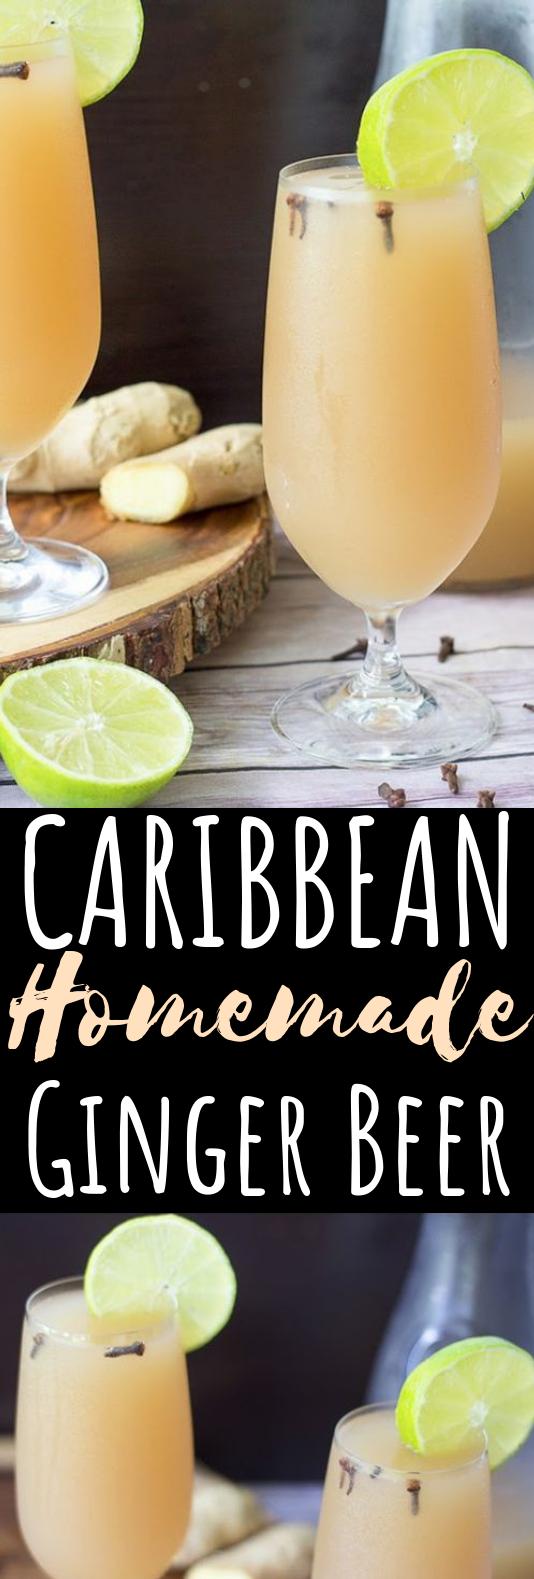 Homemade Ginger Beer #drinks #cocktails